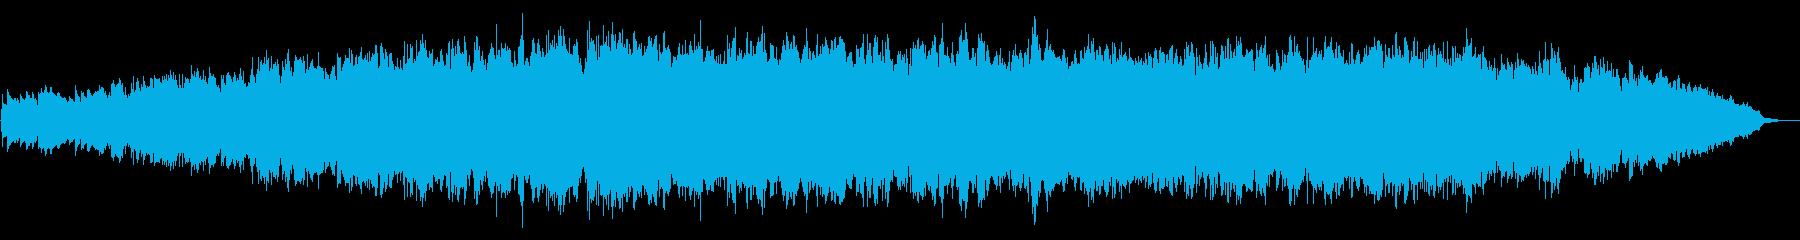 きらびやかでふんわりイメージ販促用BGMの再生済みの波形